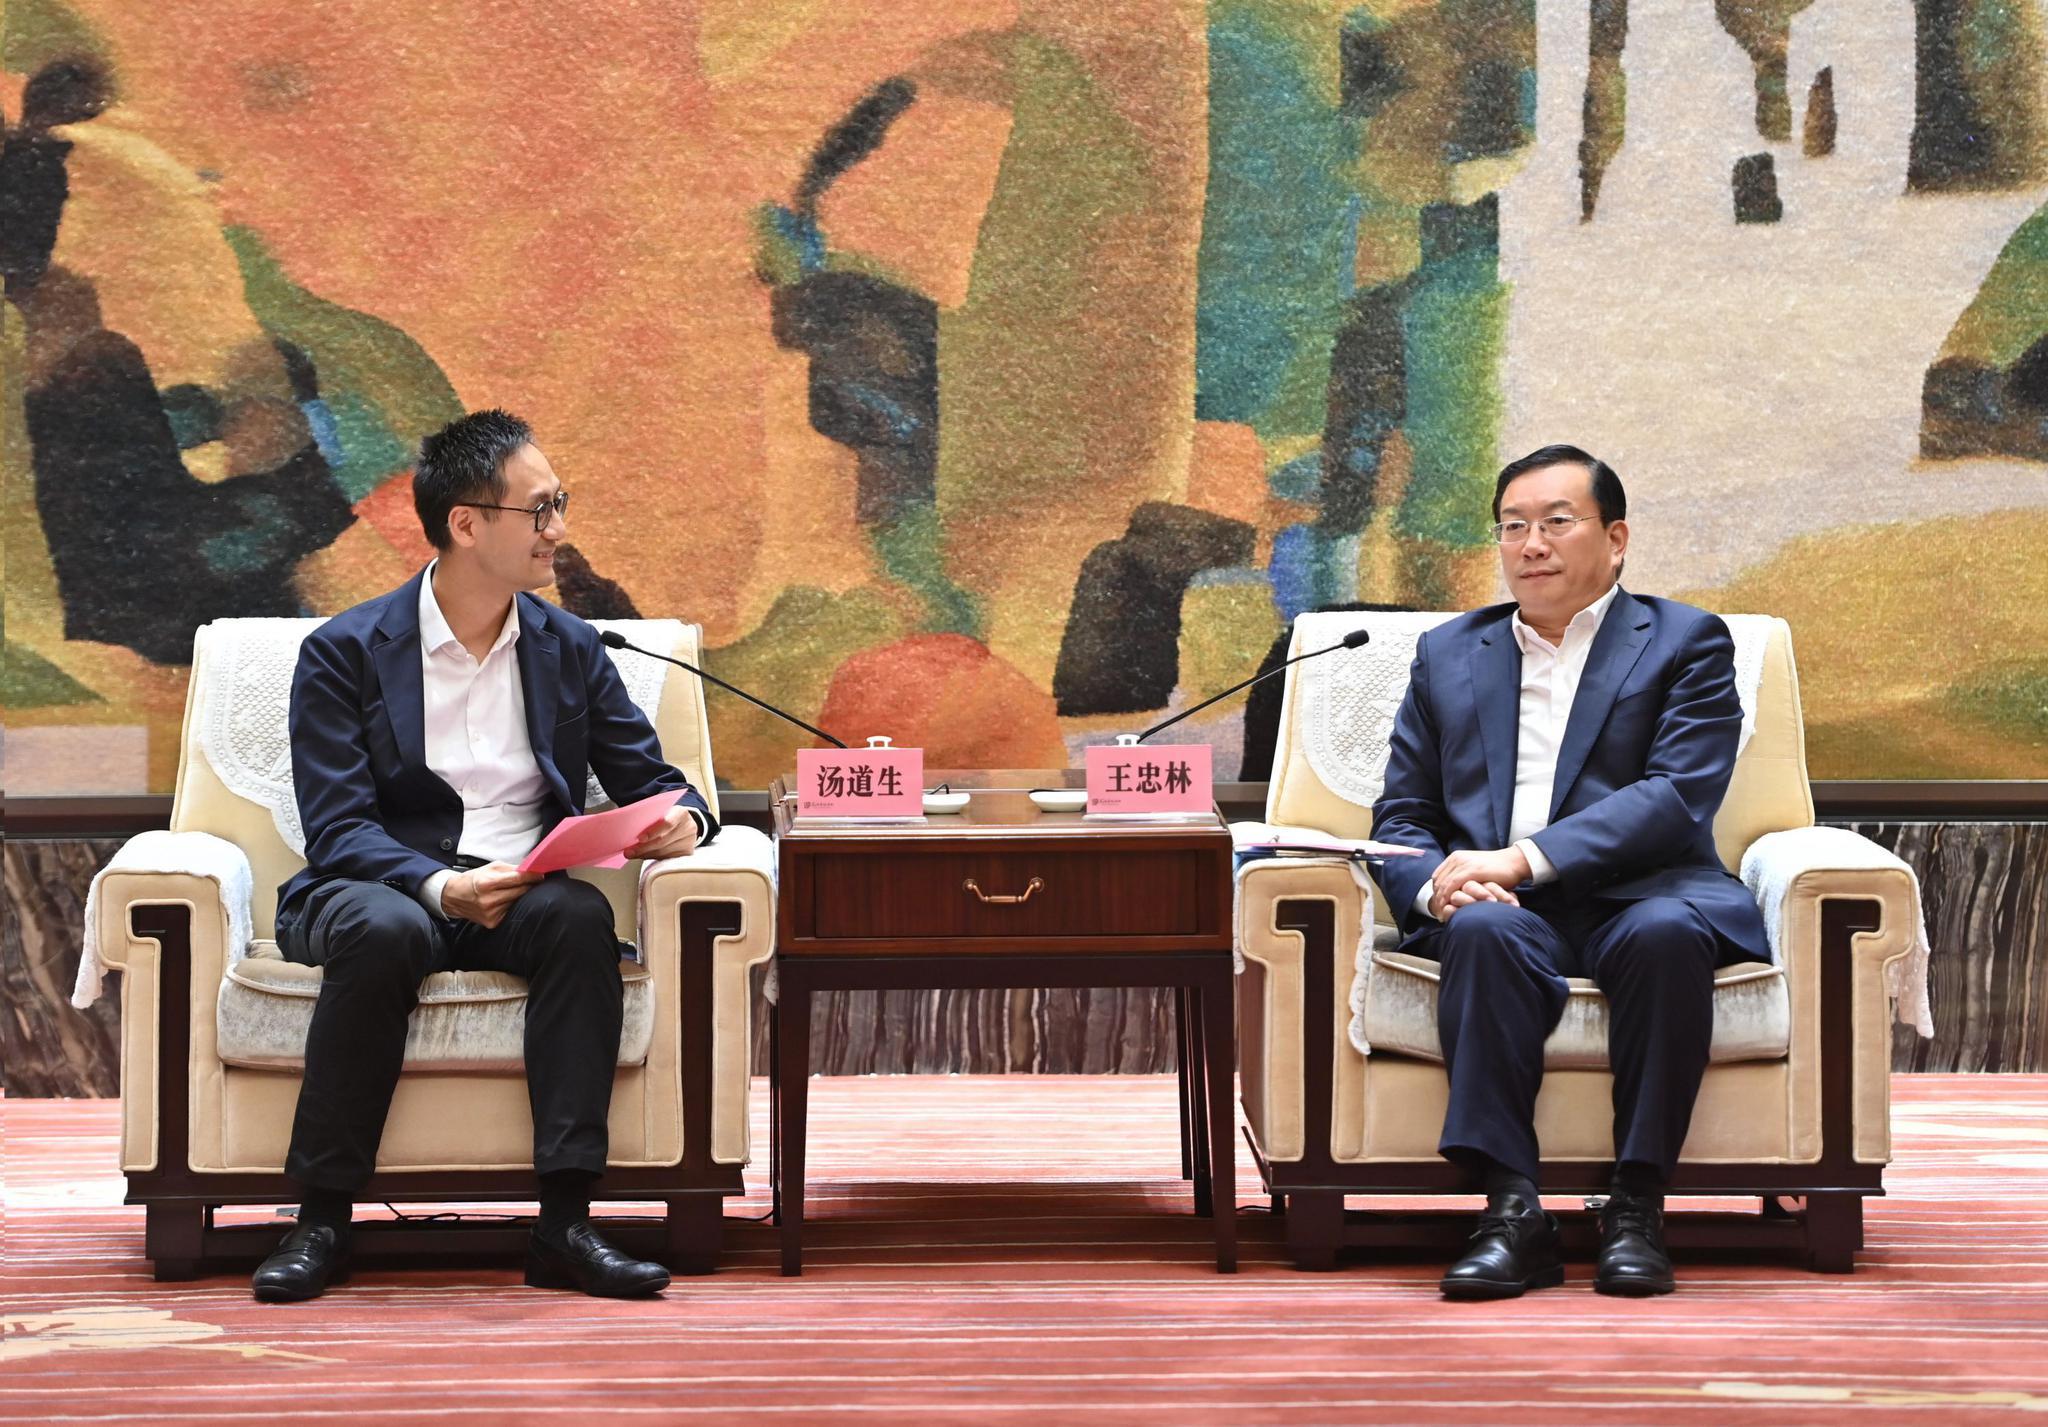 王忠林与腾讯集团高级执行副总裁汤道生座谈